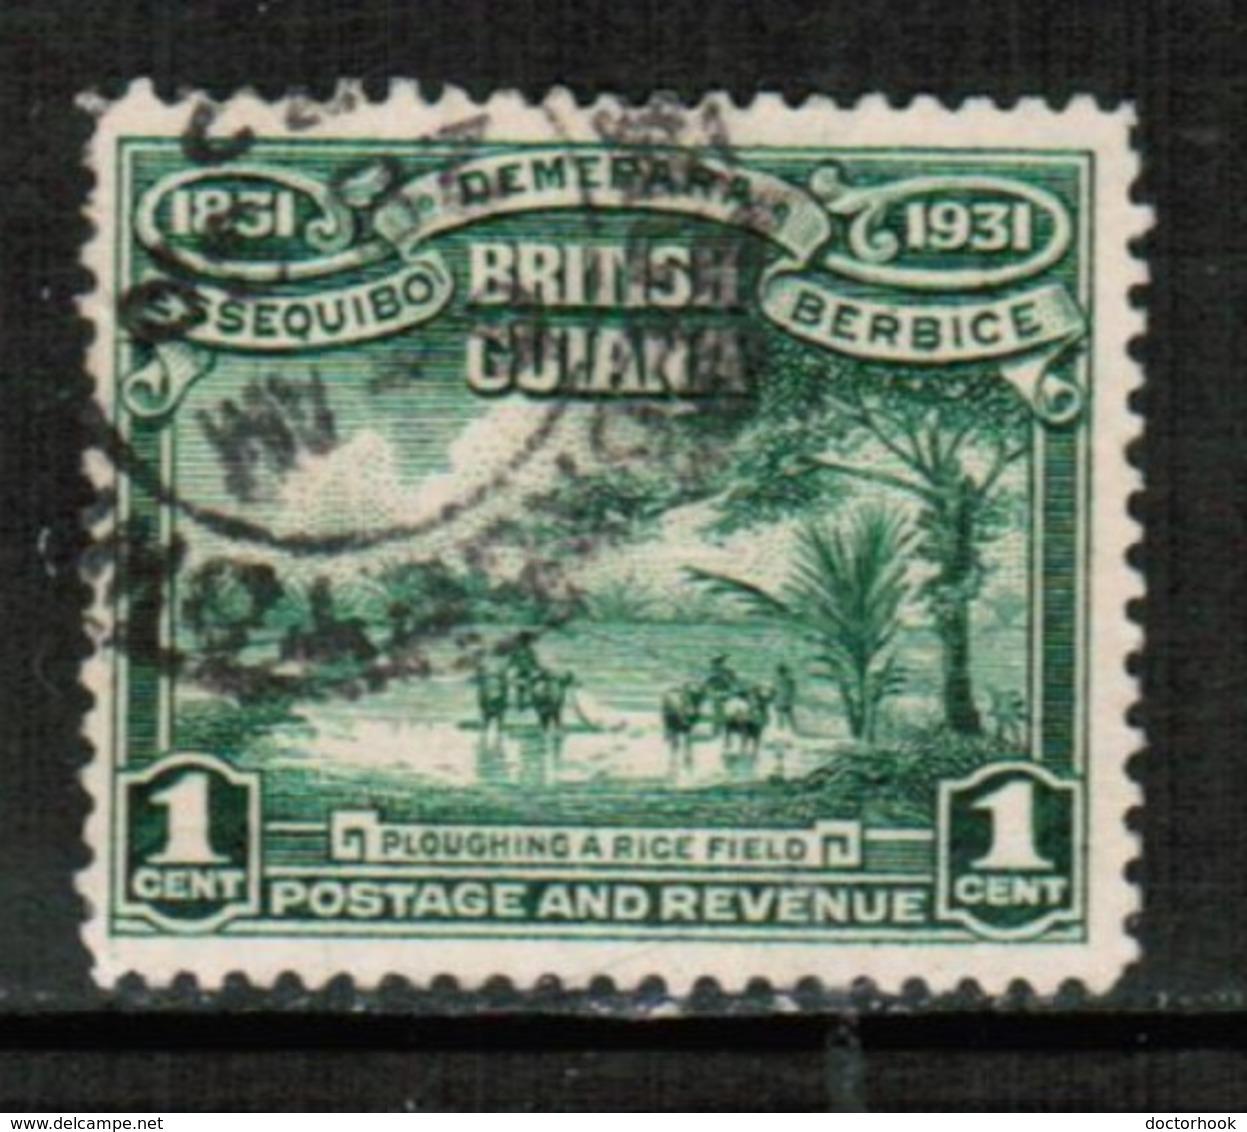 BRITISH GUIANA  Scott # 205 VF USED (Stamp Scan # 428) - British Guiana (...-1966)